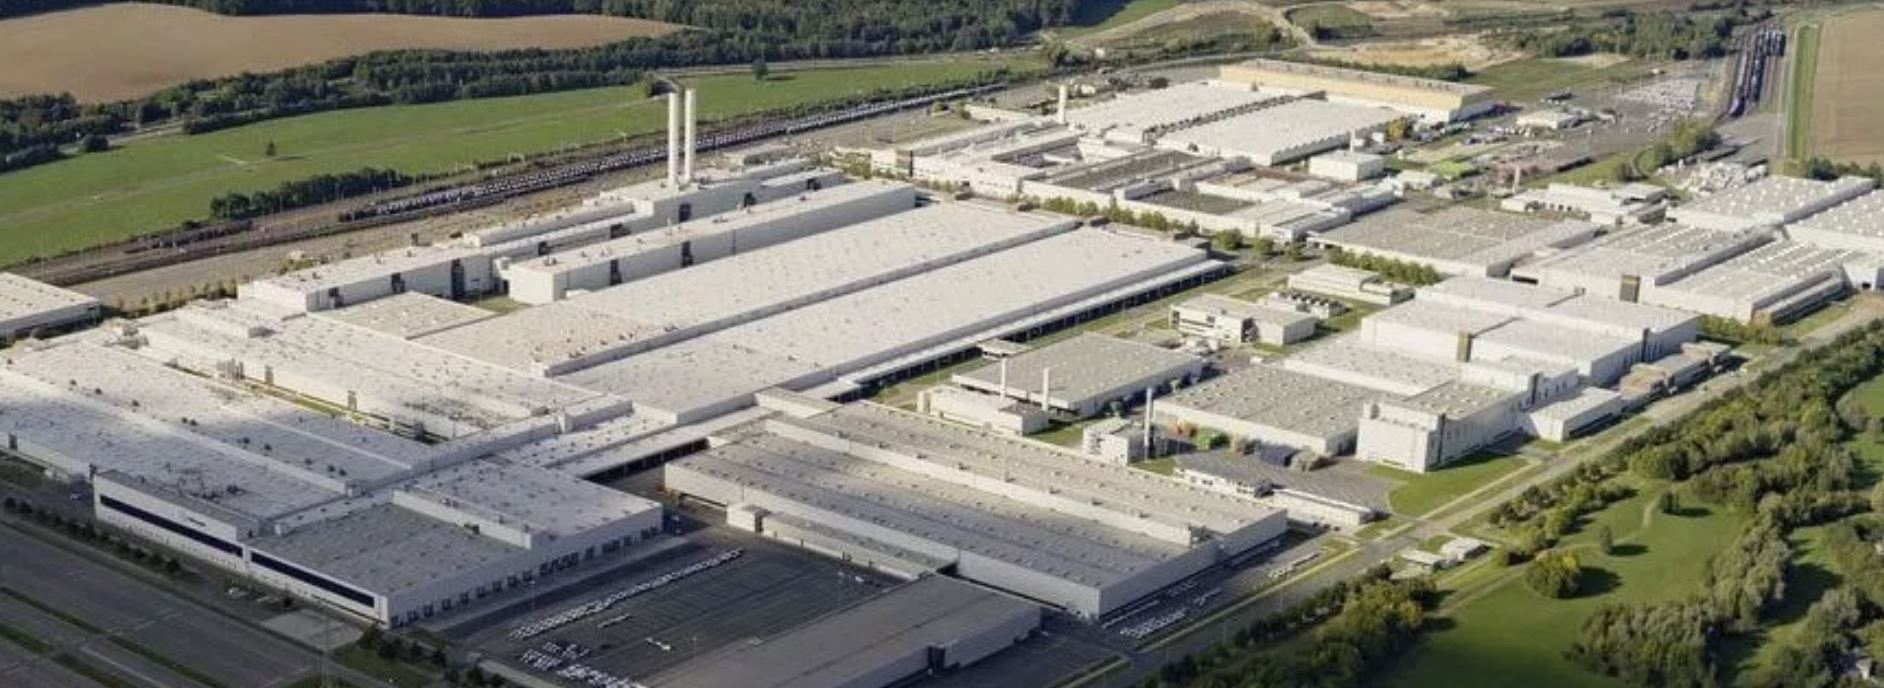 Tovarna VW v Zwekau